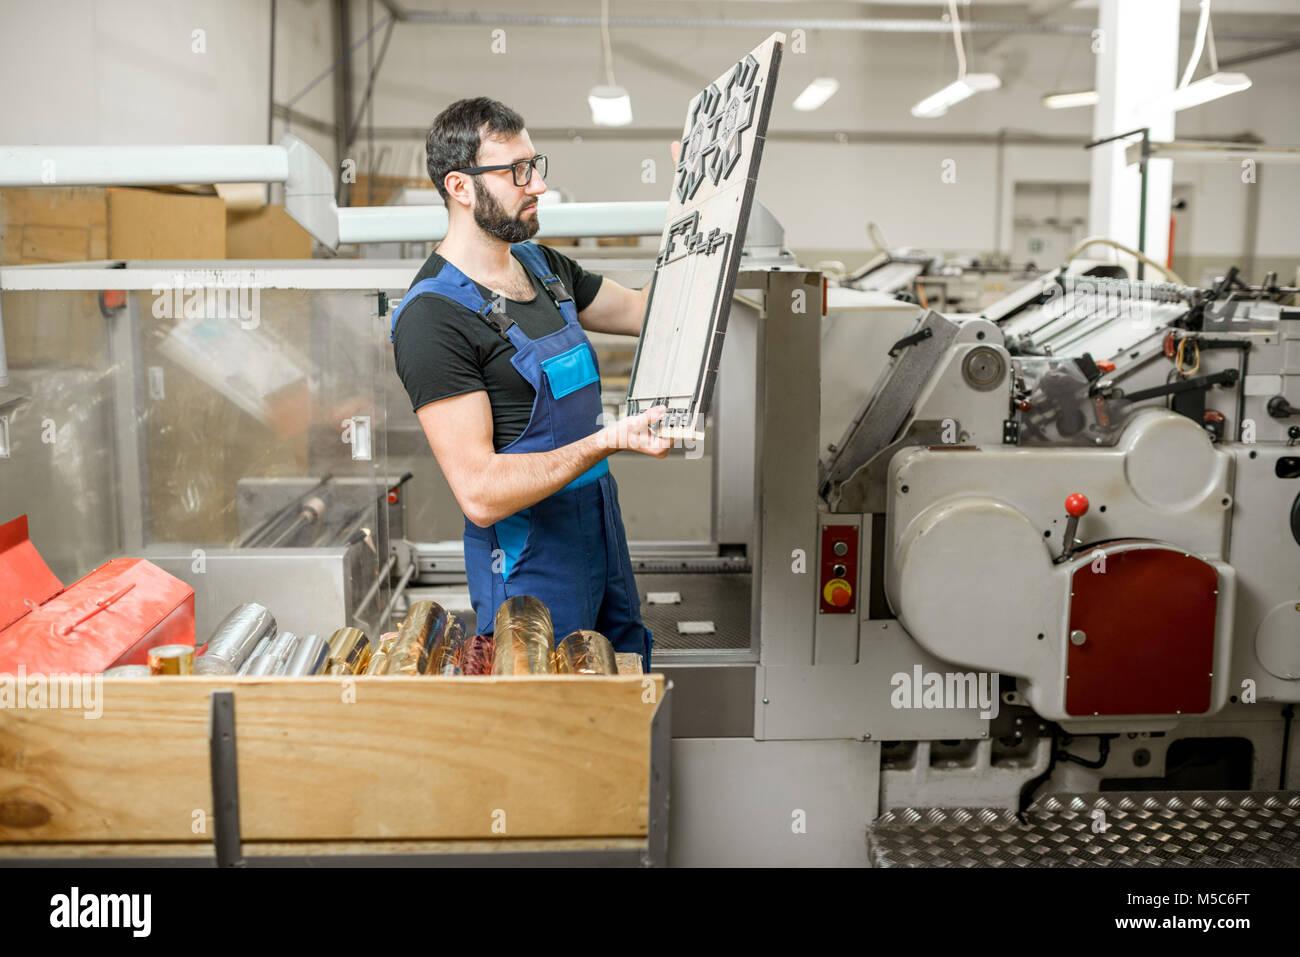 Workwe con cliché a livello di fabbricazione Immagini Stock